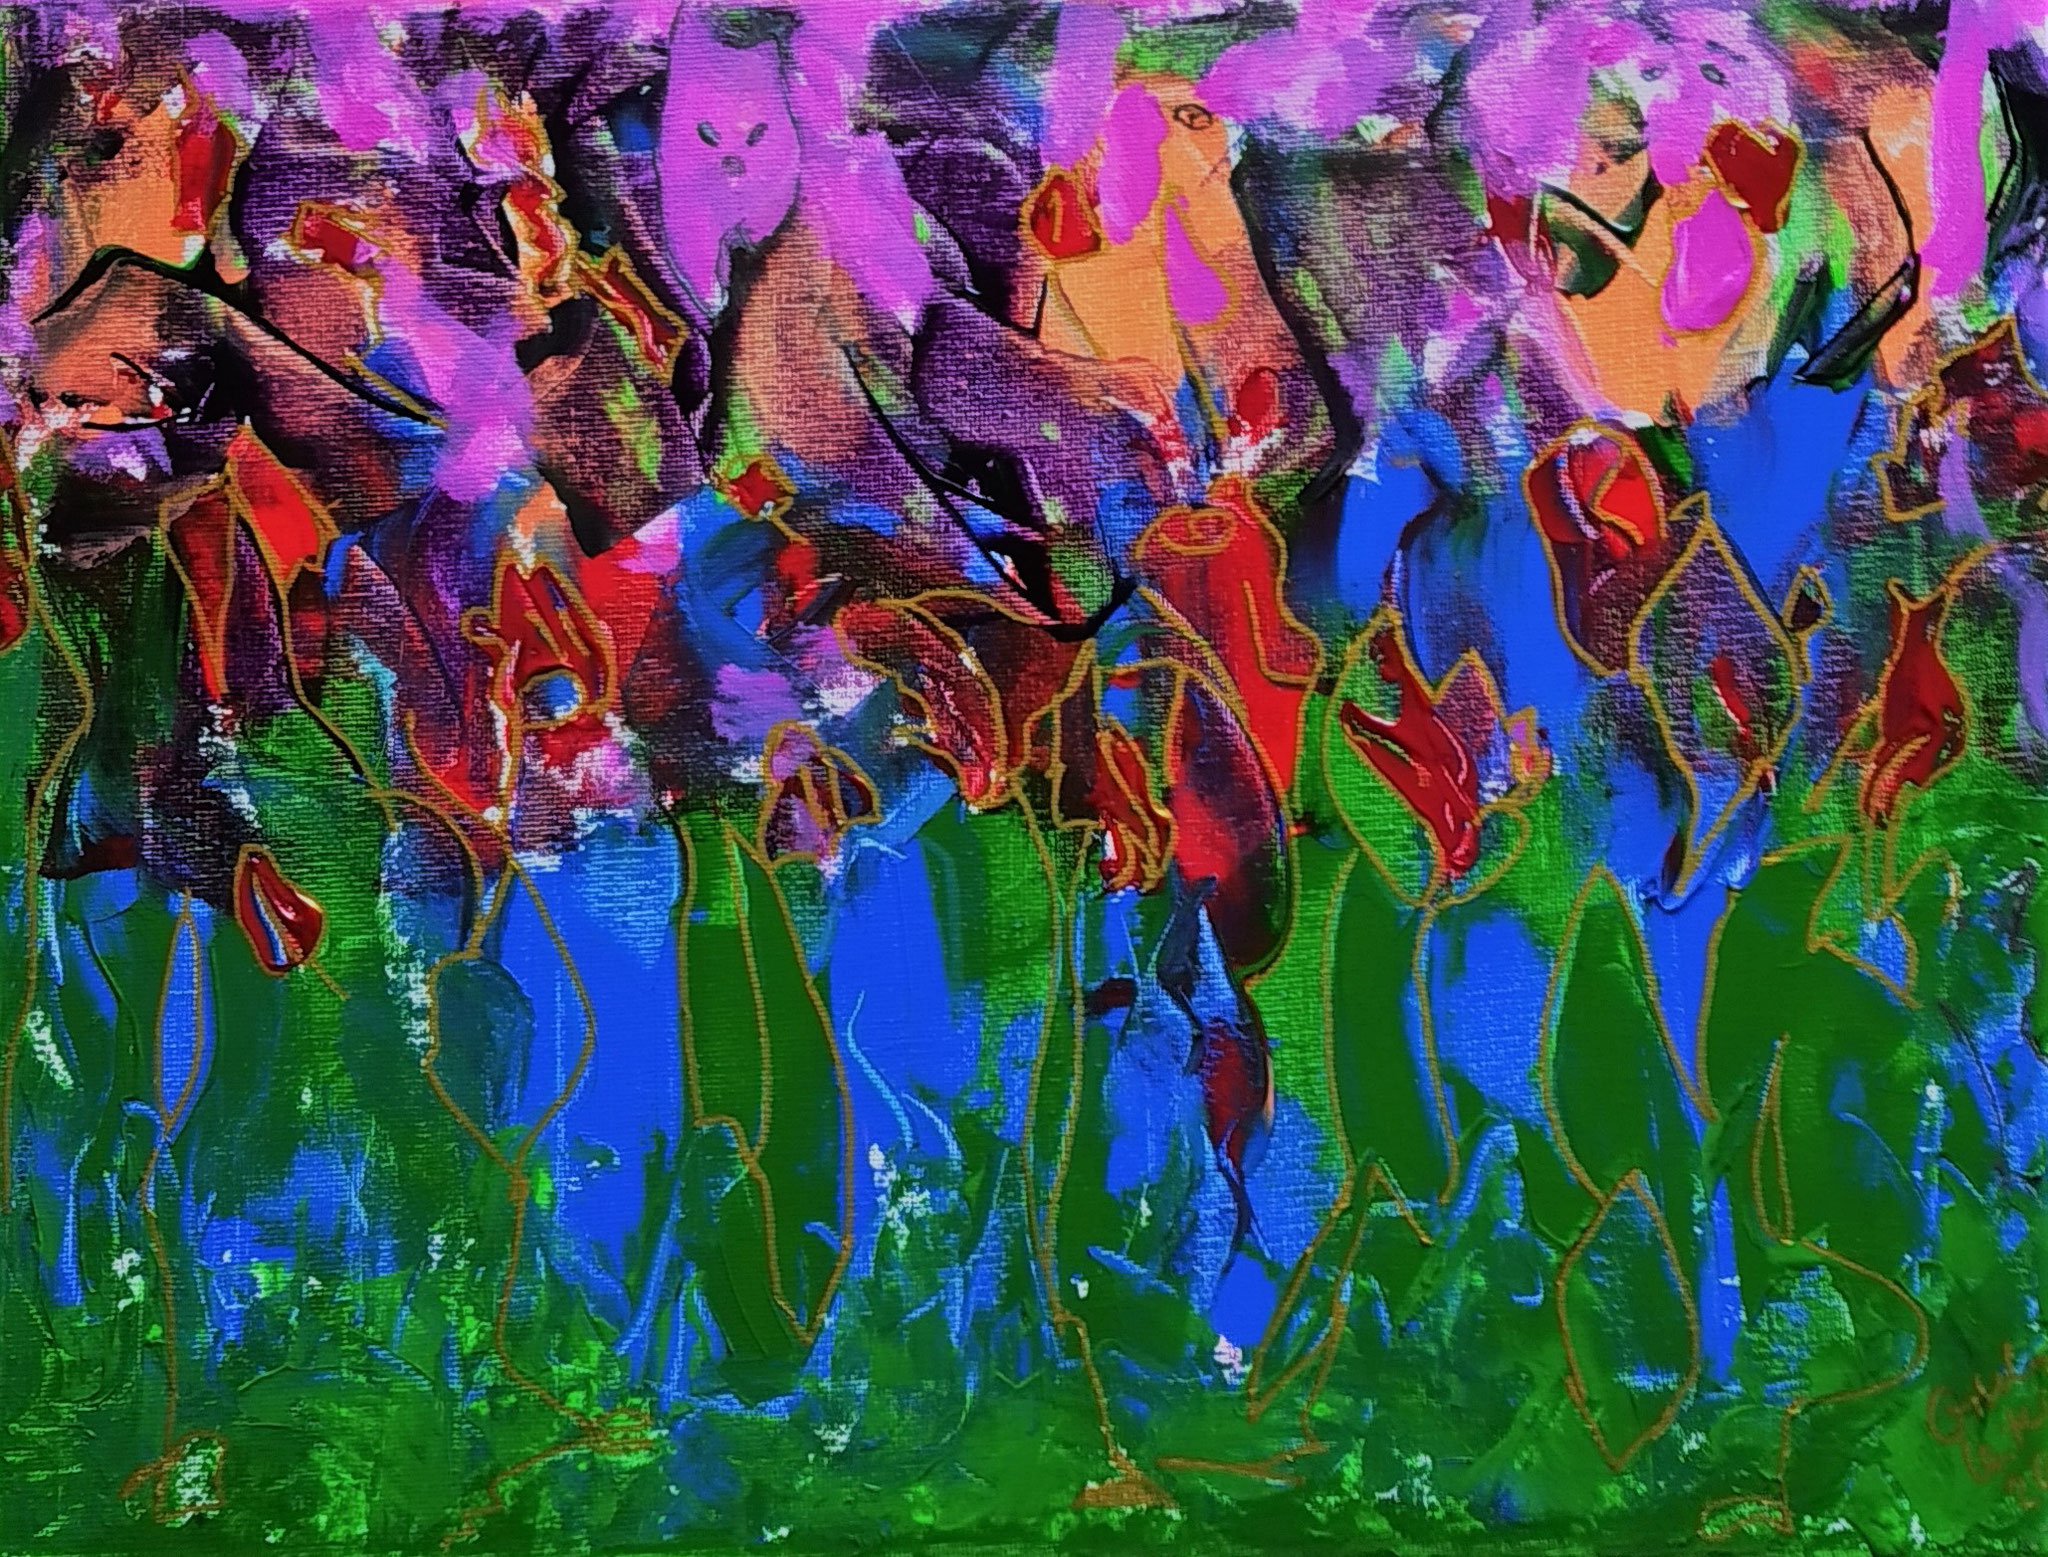 29. Den blühenden Garten entdecken im Selbst, Acryl auf Leinwand, Grösse 40 x 30 cm